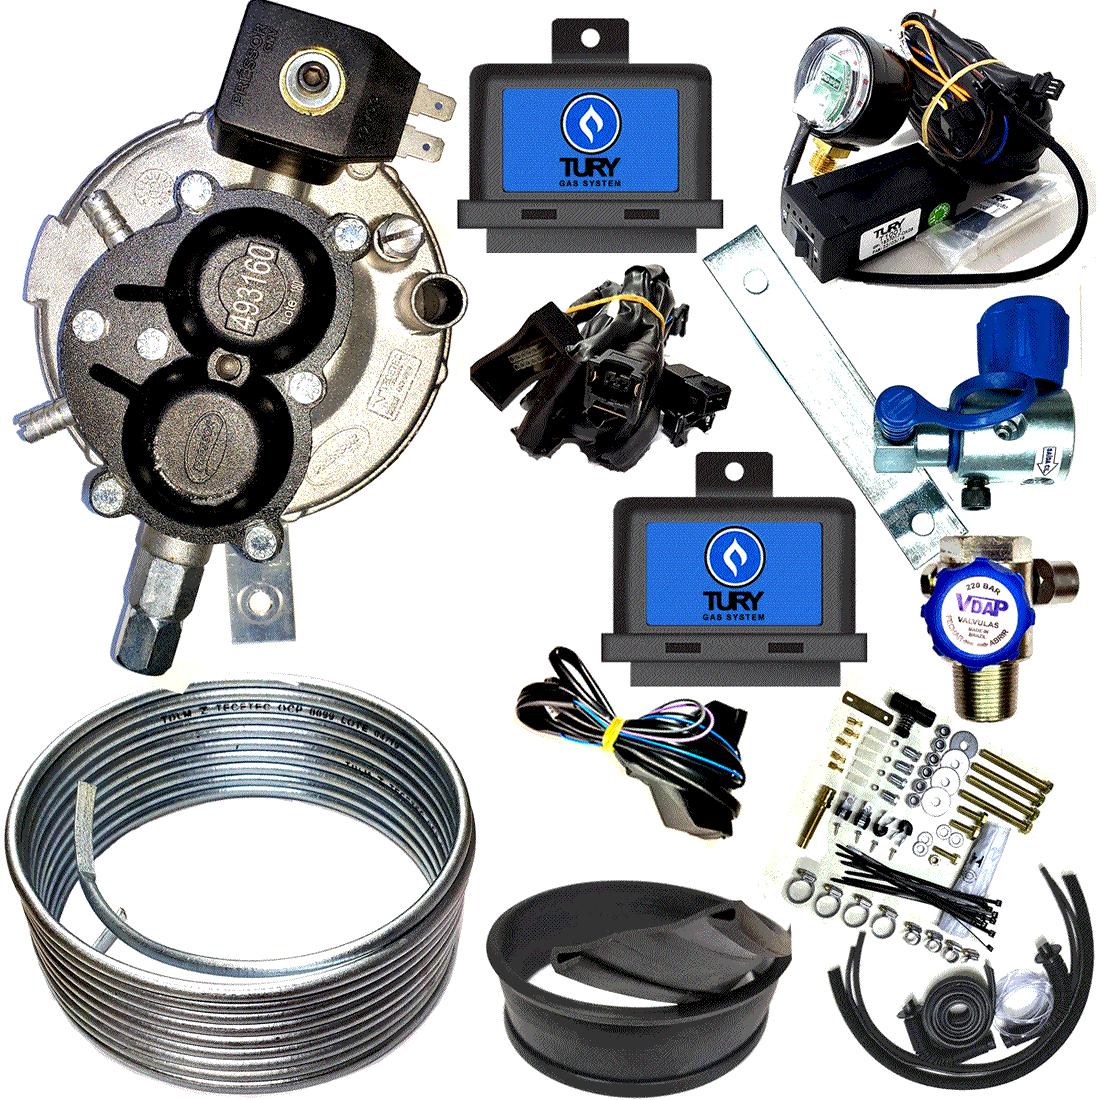 Kit Pressor TURY Flex 3ª Geração Chave Emuladores Minuterias Sem Variador